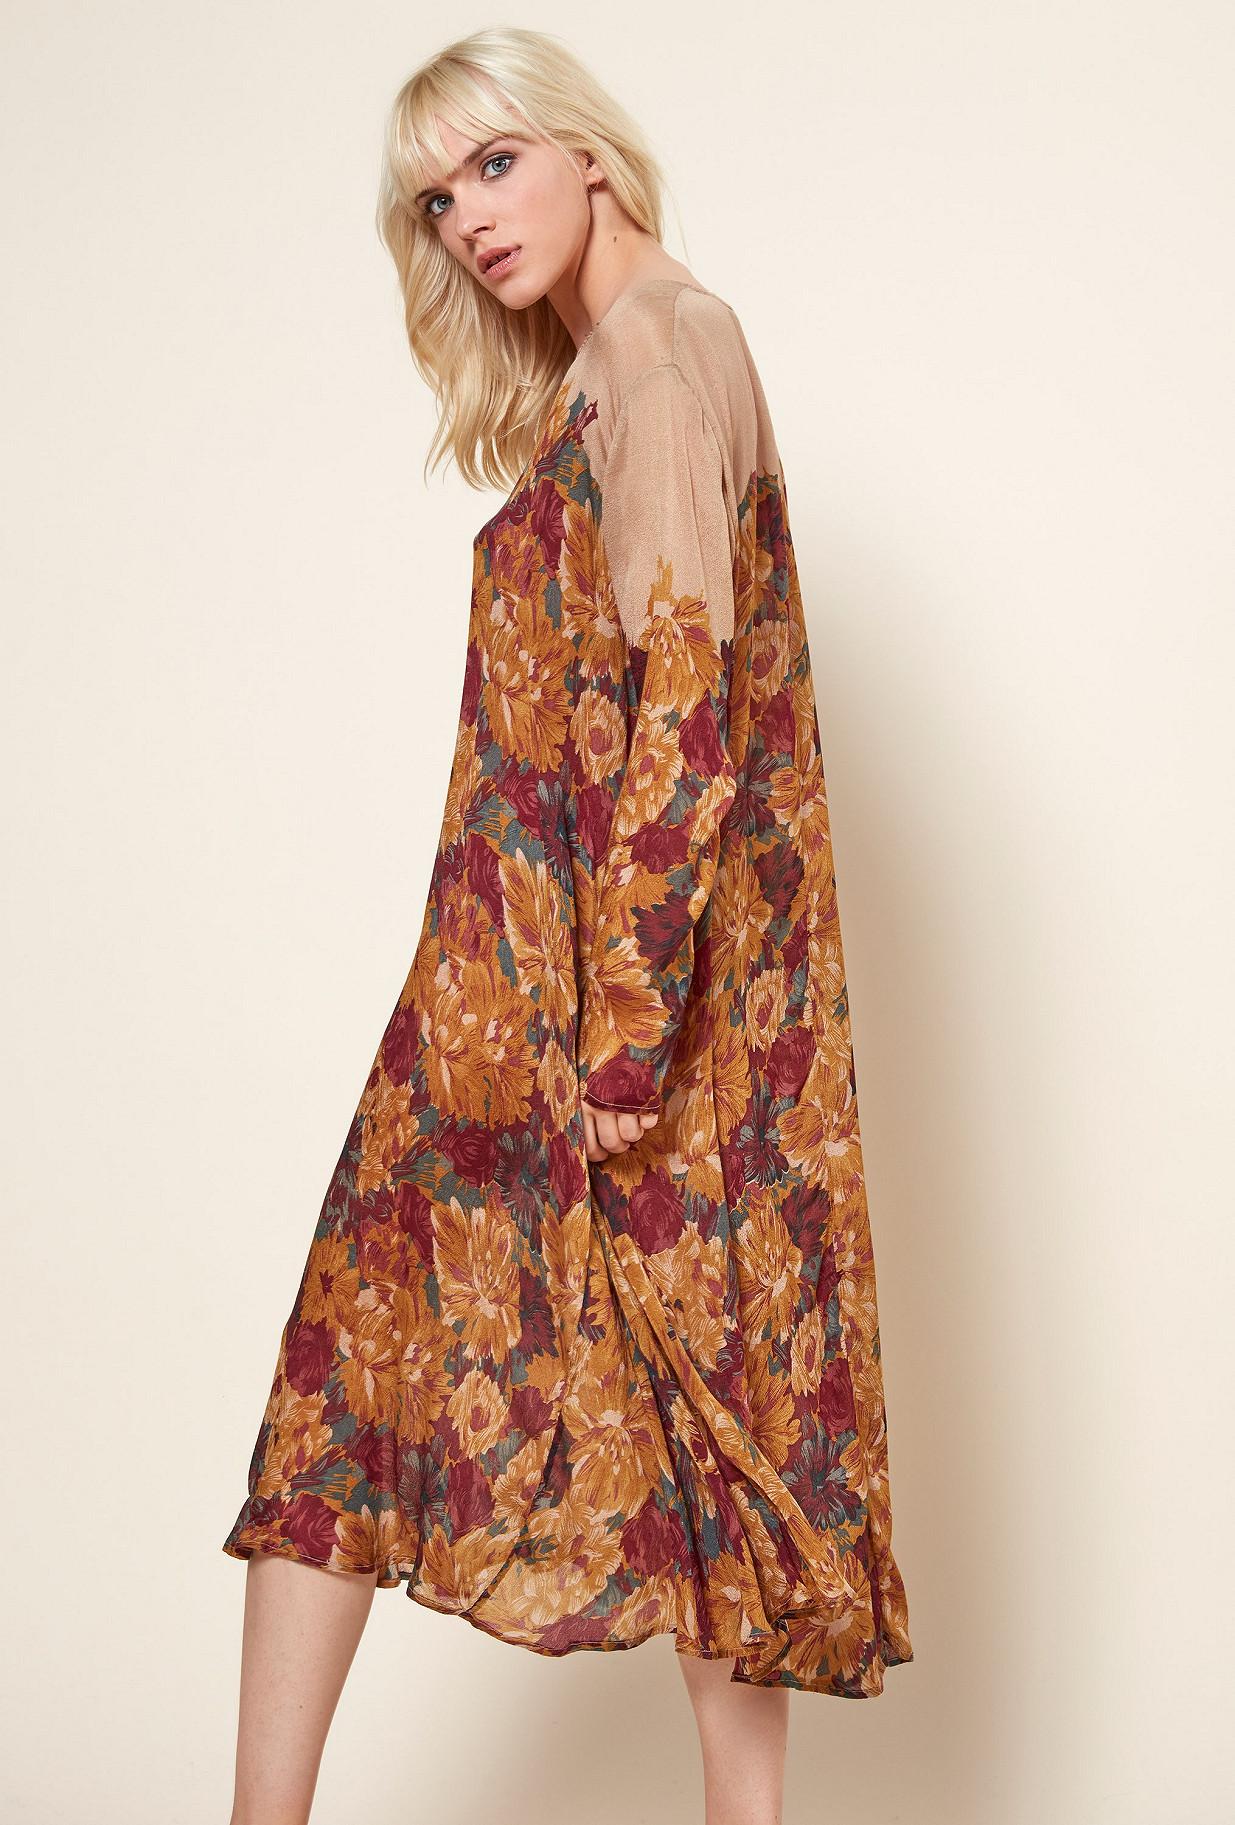 Floral print Dress Odile Mes Demoiselles Paris